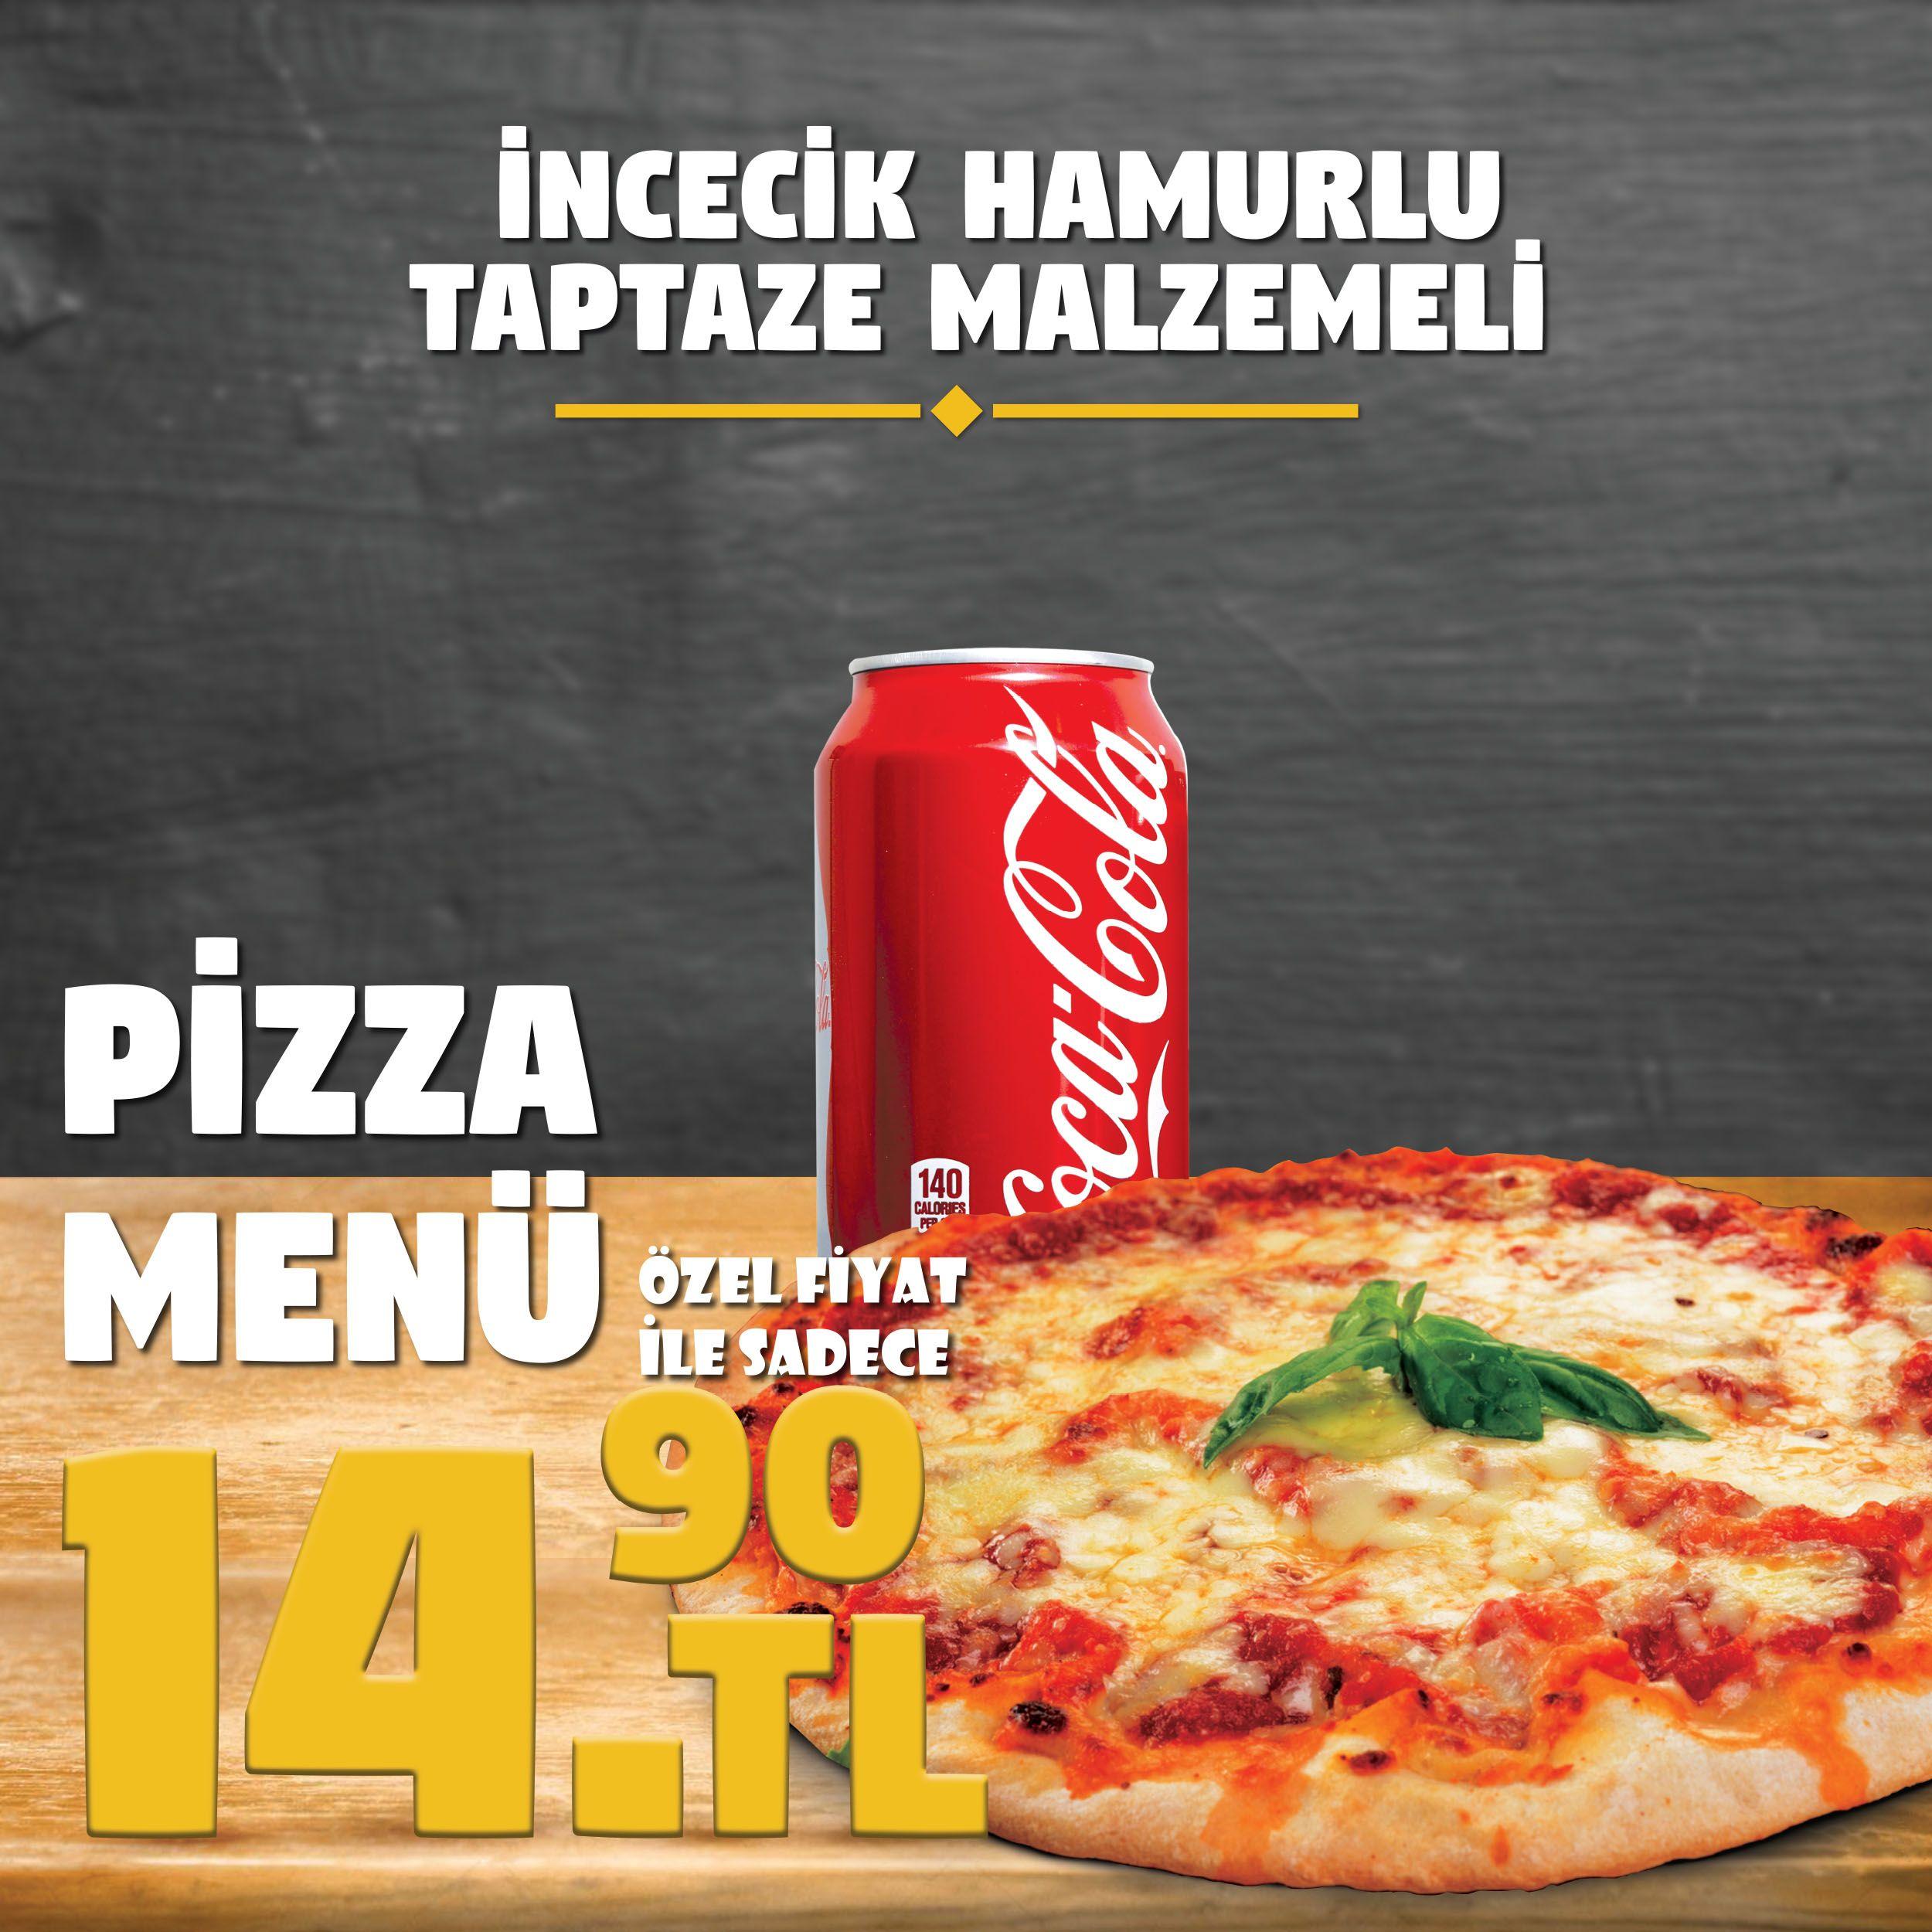 Lef Istanbul Reklam Ajansi Adli Kullanicinin Kaydettiklerim Panosundaki Pin 2020 Yemek Tarifleri Yemek Restoran